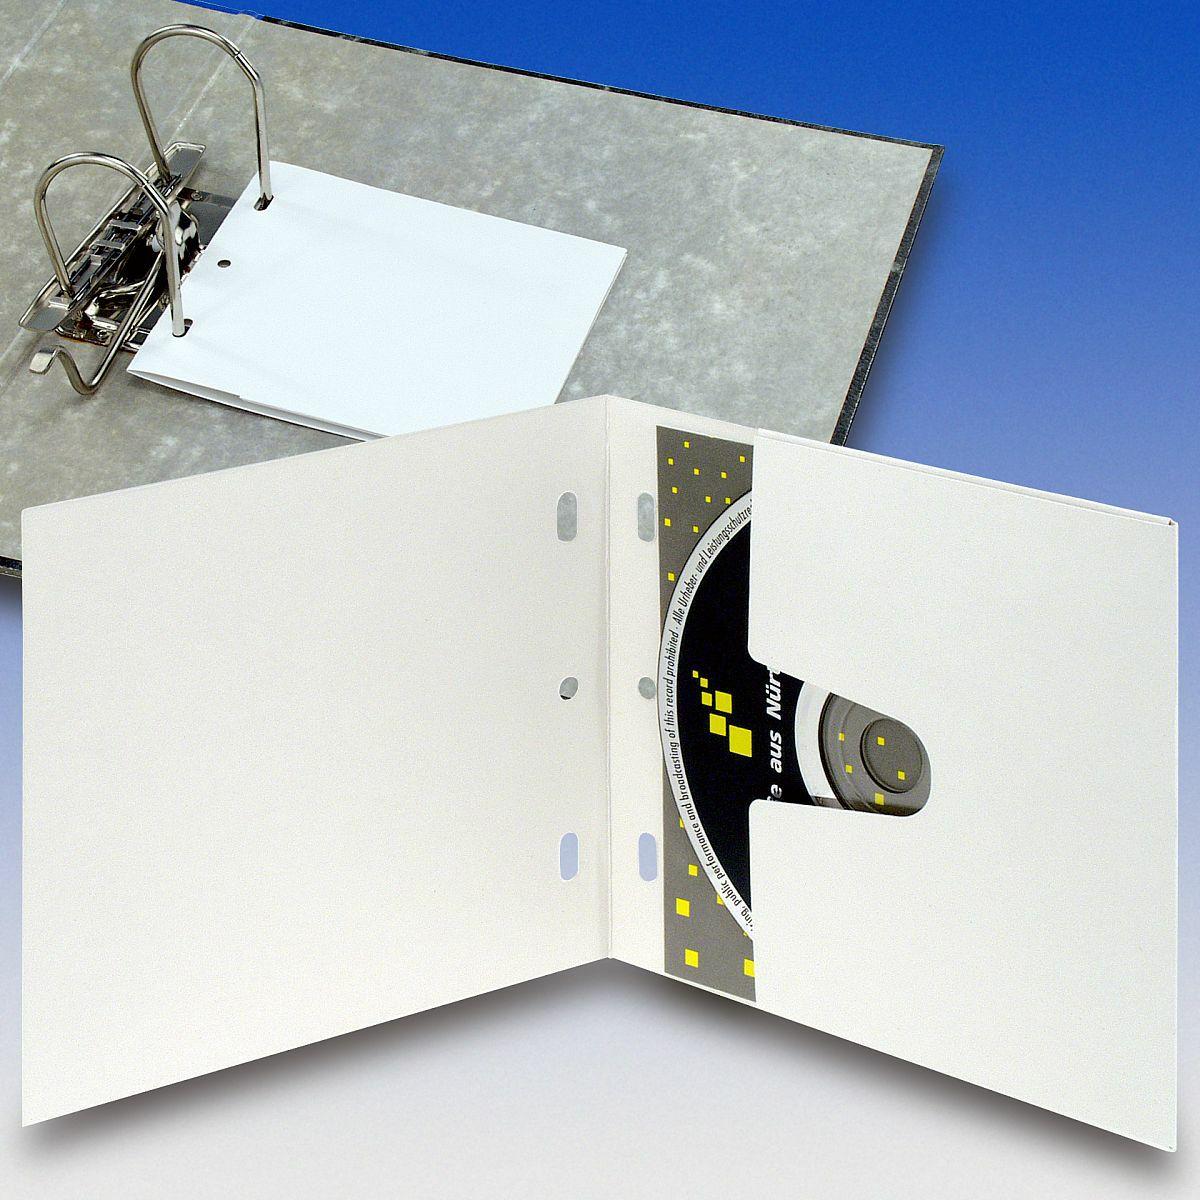 cd kartoneinhefter mit klappe clickbox world of boxes aufbewahrungsboxen aus kunststoff. Black Bedroom Furniture Sets. Home Design Ideas